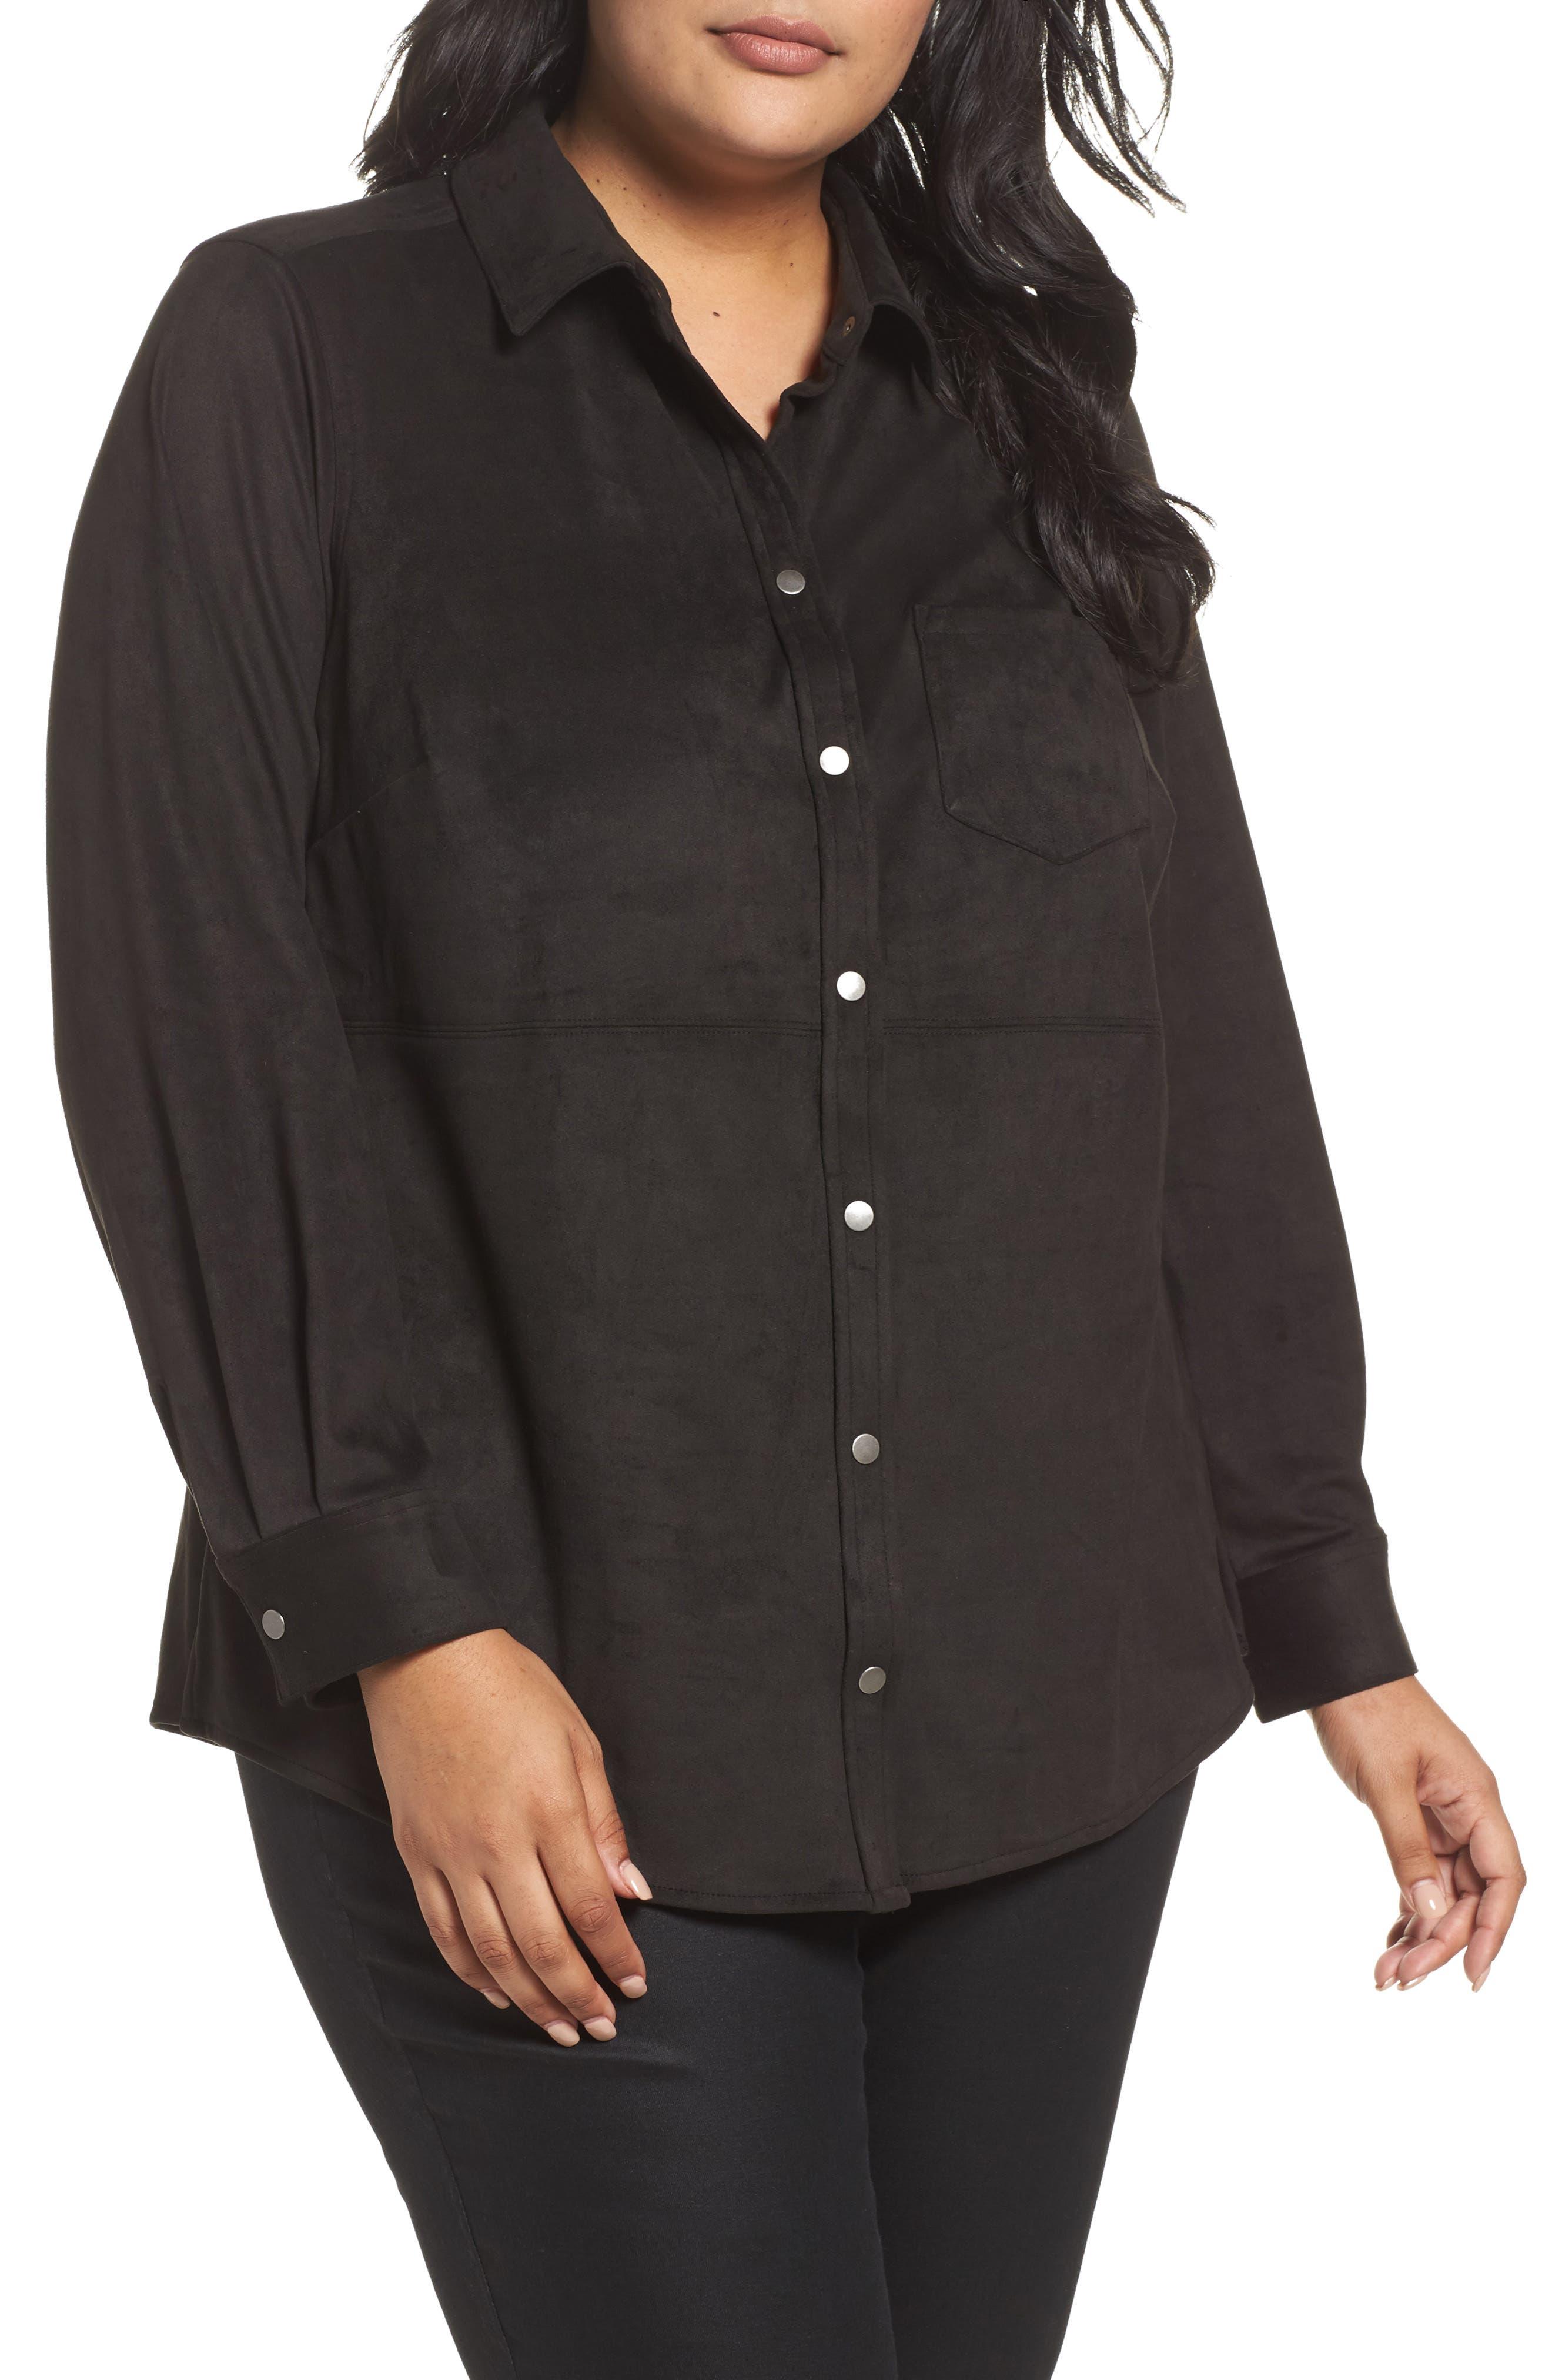 Main Image - Foxcroft Jena Faux Suede Shirt (Plus Size)